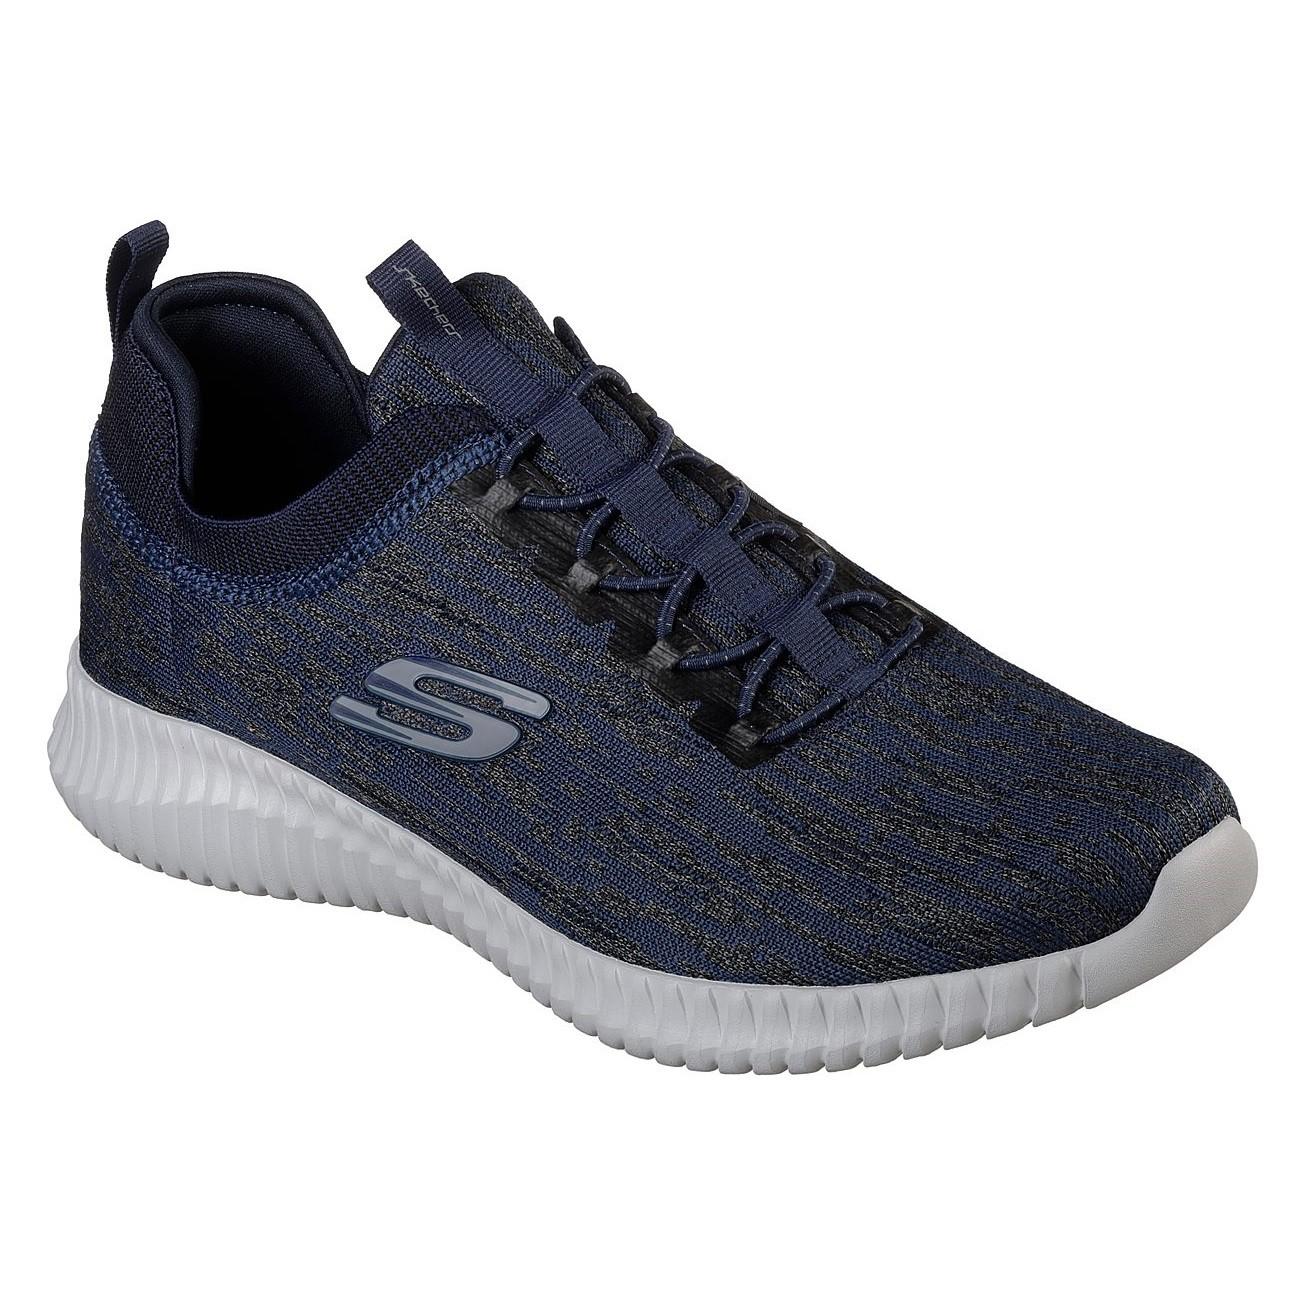 Zapatillas de luces de niño Skechers de color azul marino con plantilla Memory Foam